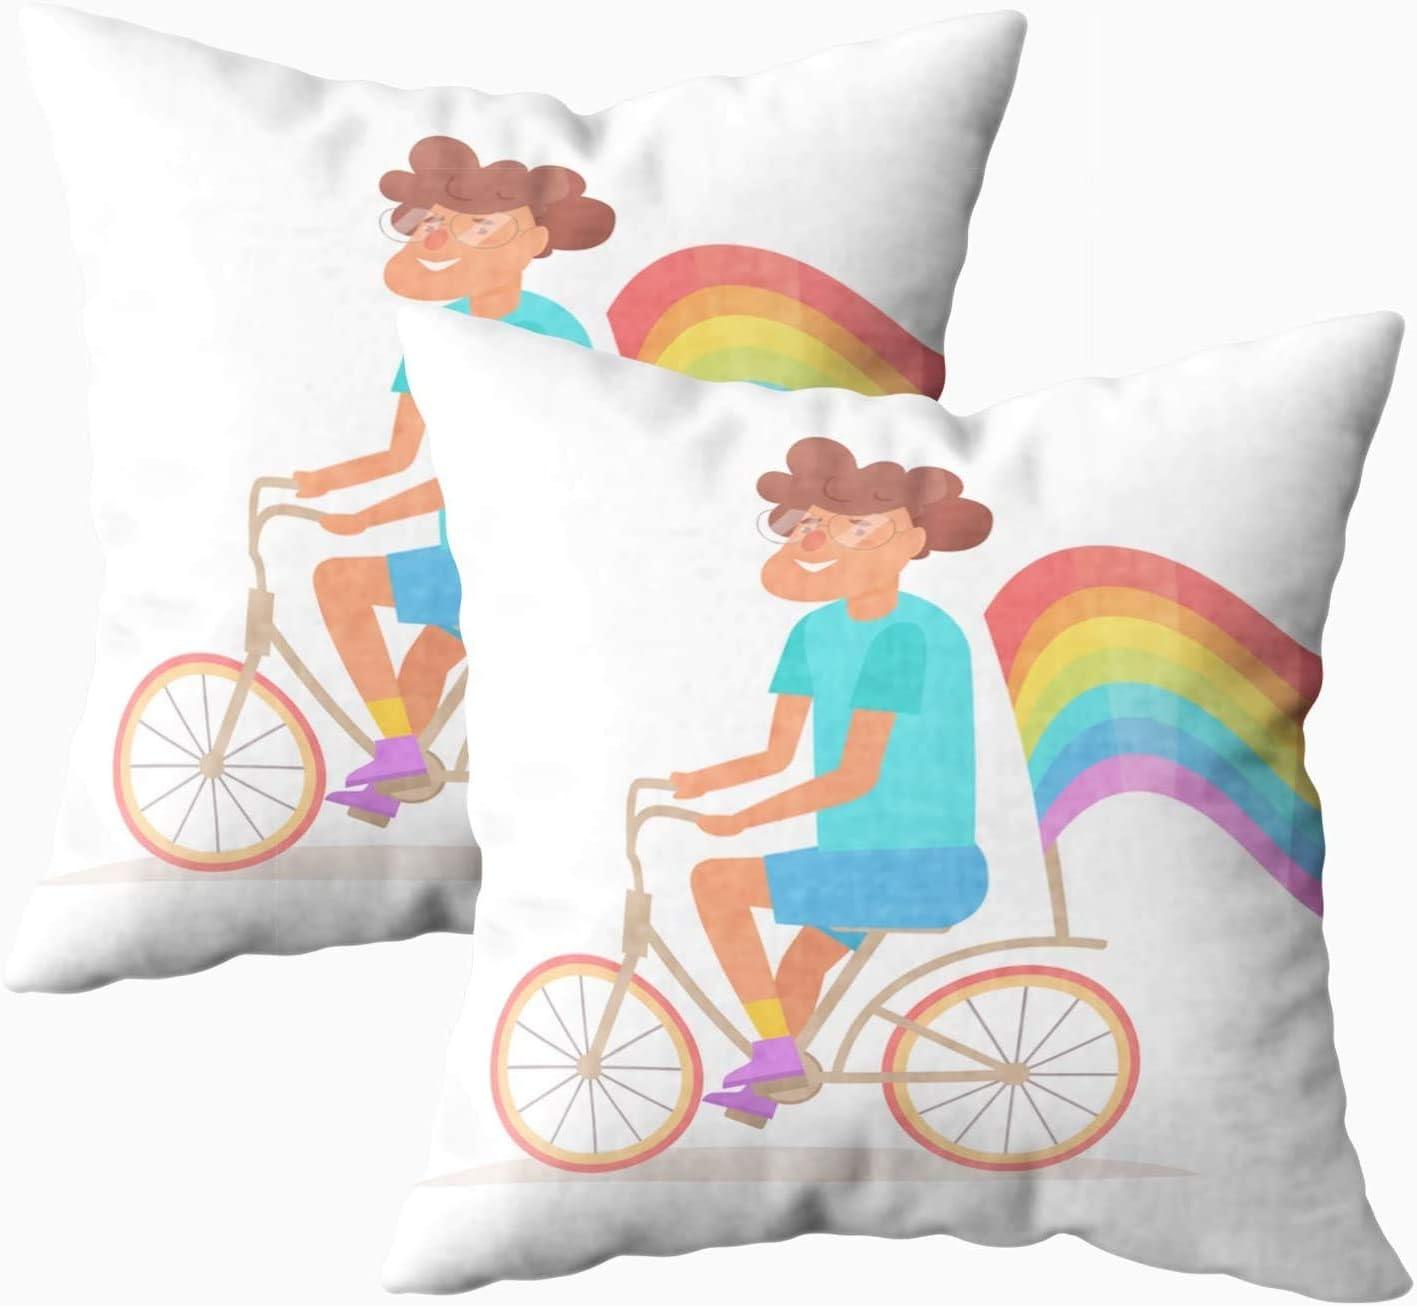 Fundas de almohada para cama, diseño de hombre gay con bandera del arco iris, 45 x 45 cm, fundas de almohada para decoración del hogar, fundas de almohada con cremallera para sofá